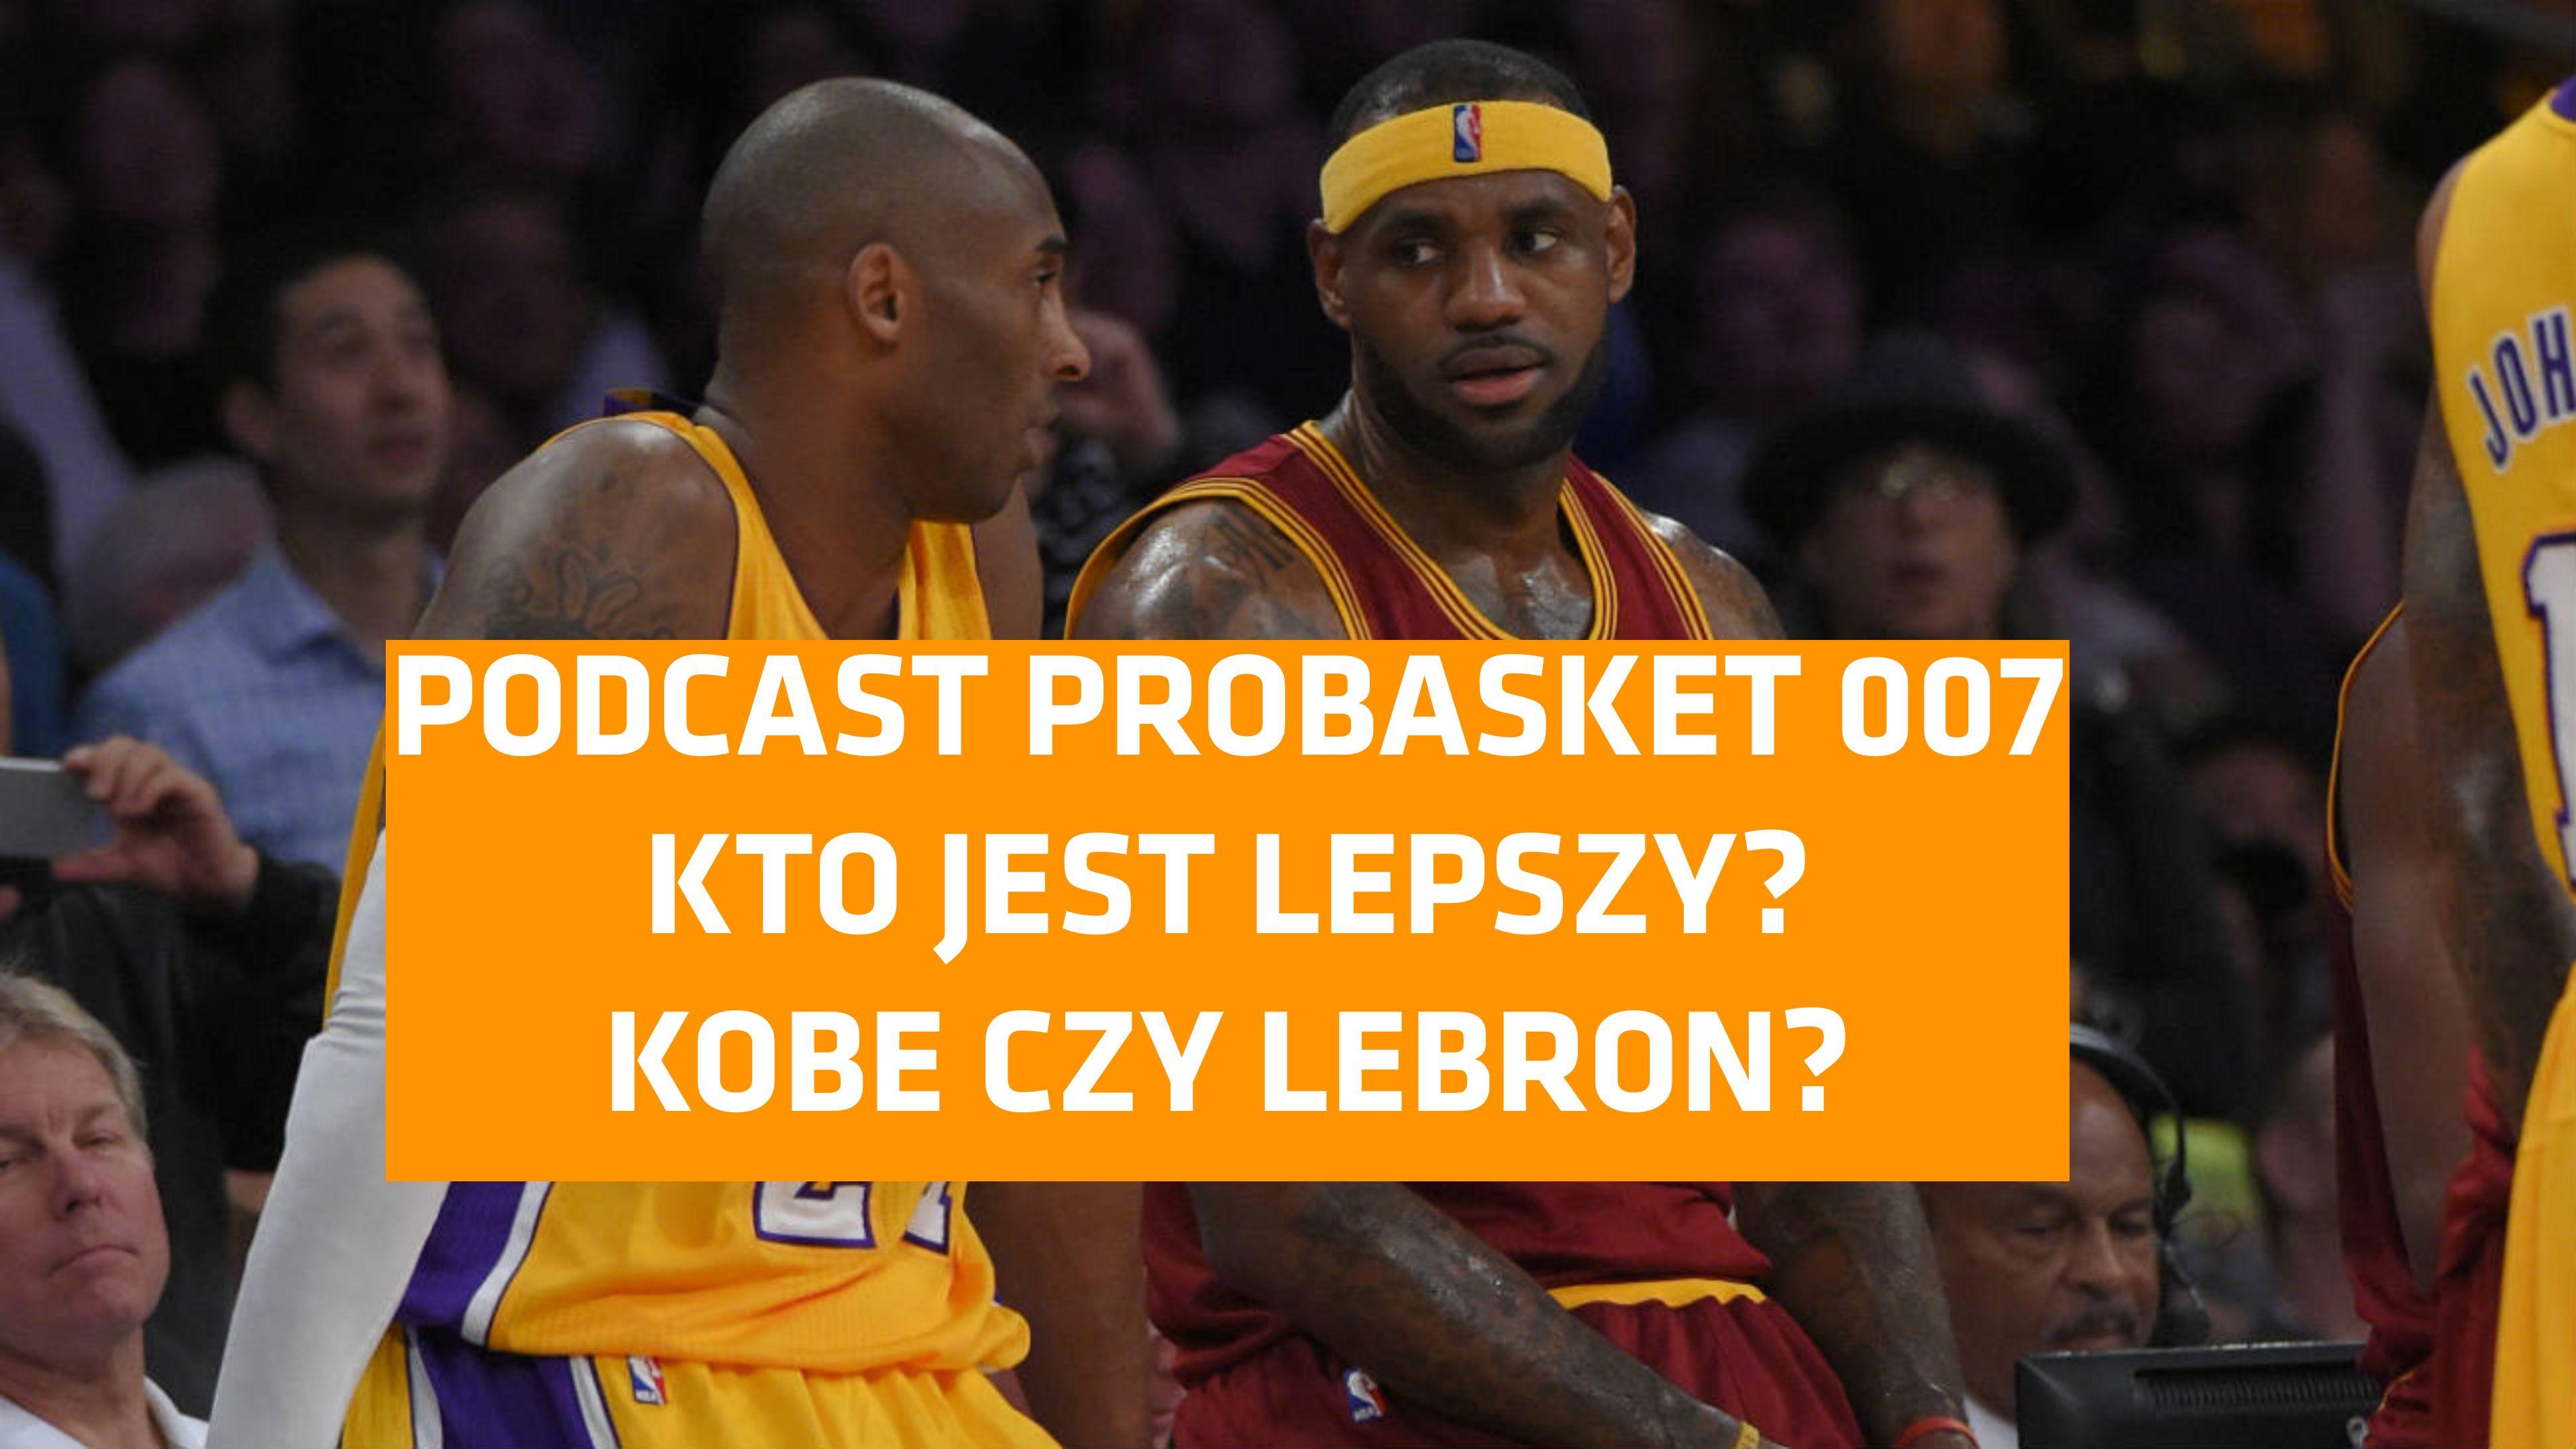 Podcast PROBASKET 007 - Czy Kobe jest lepszy od LeBrona ...